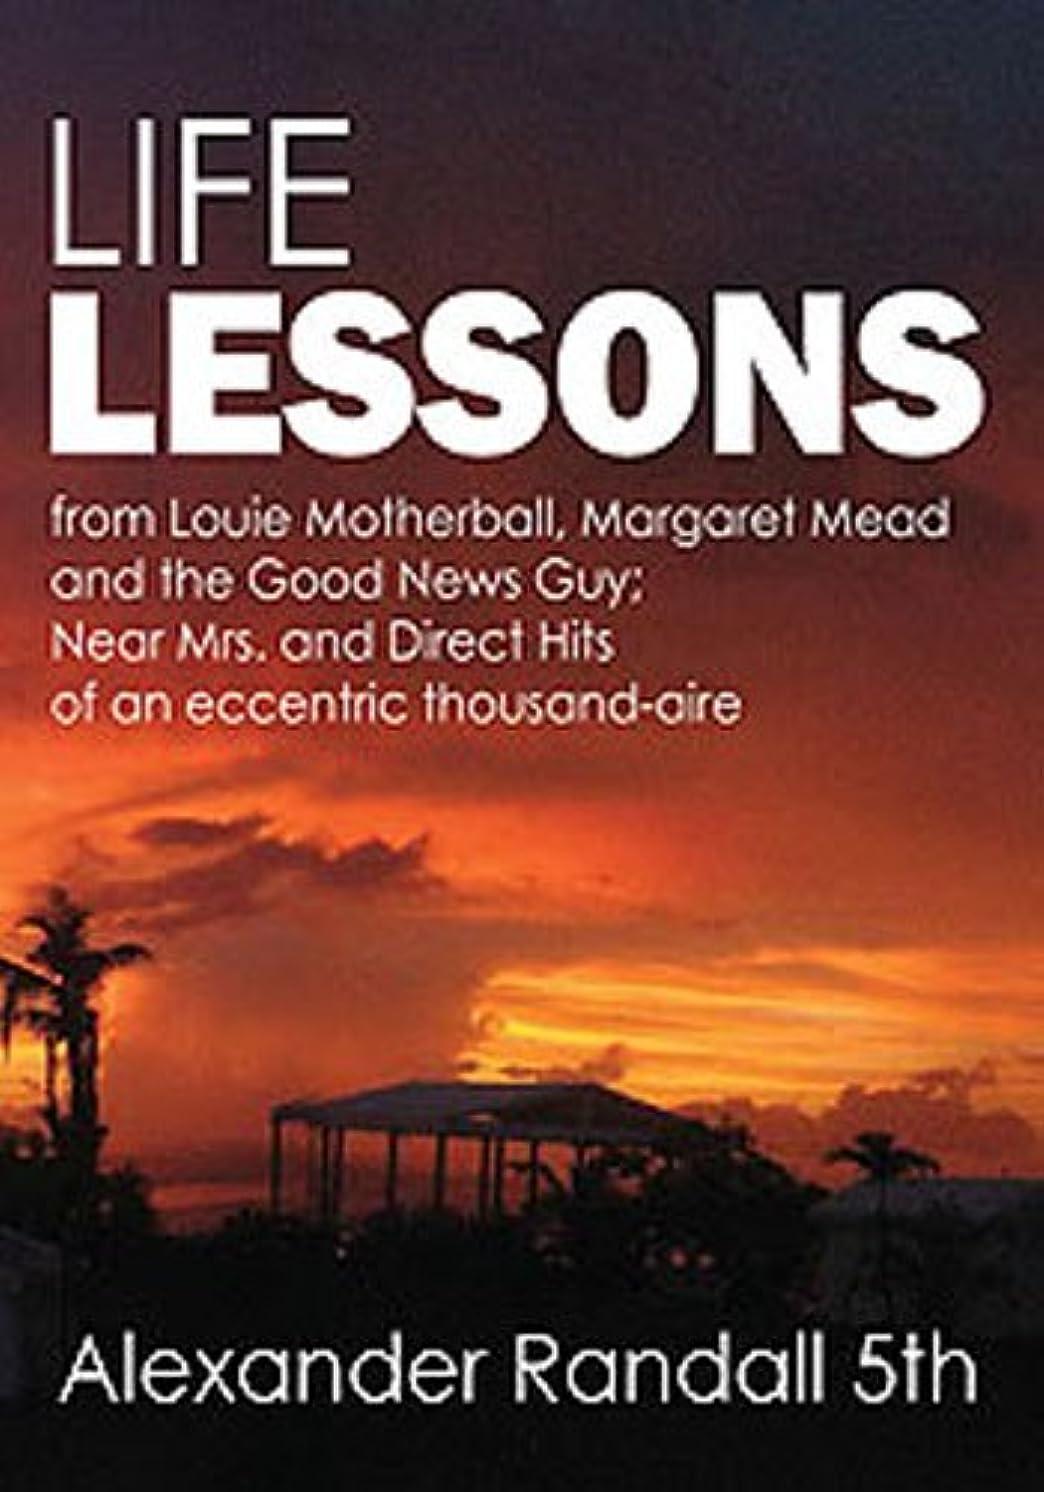 顔料覚醒パトロールLife Lessons: from Louie Motherball, Margaret Mead and the Good News Guy; Near Mrs and Direct Hits of an eccentric thousand-aire (English Edition)